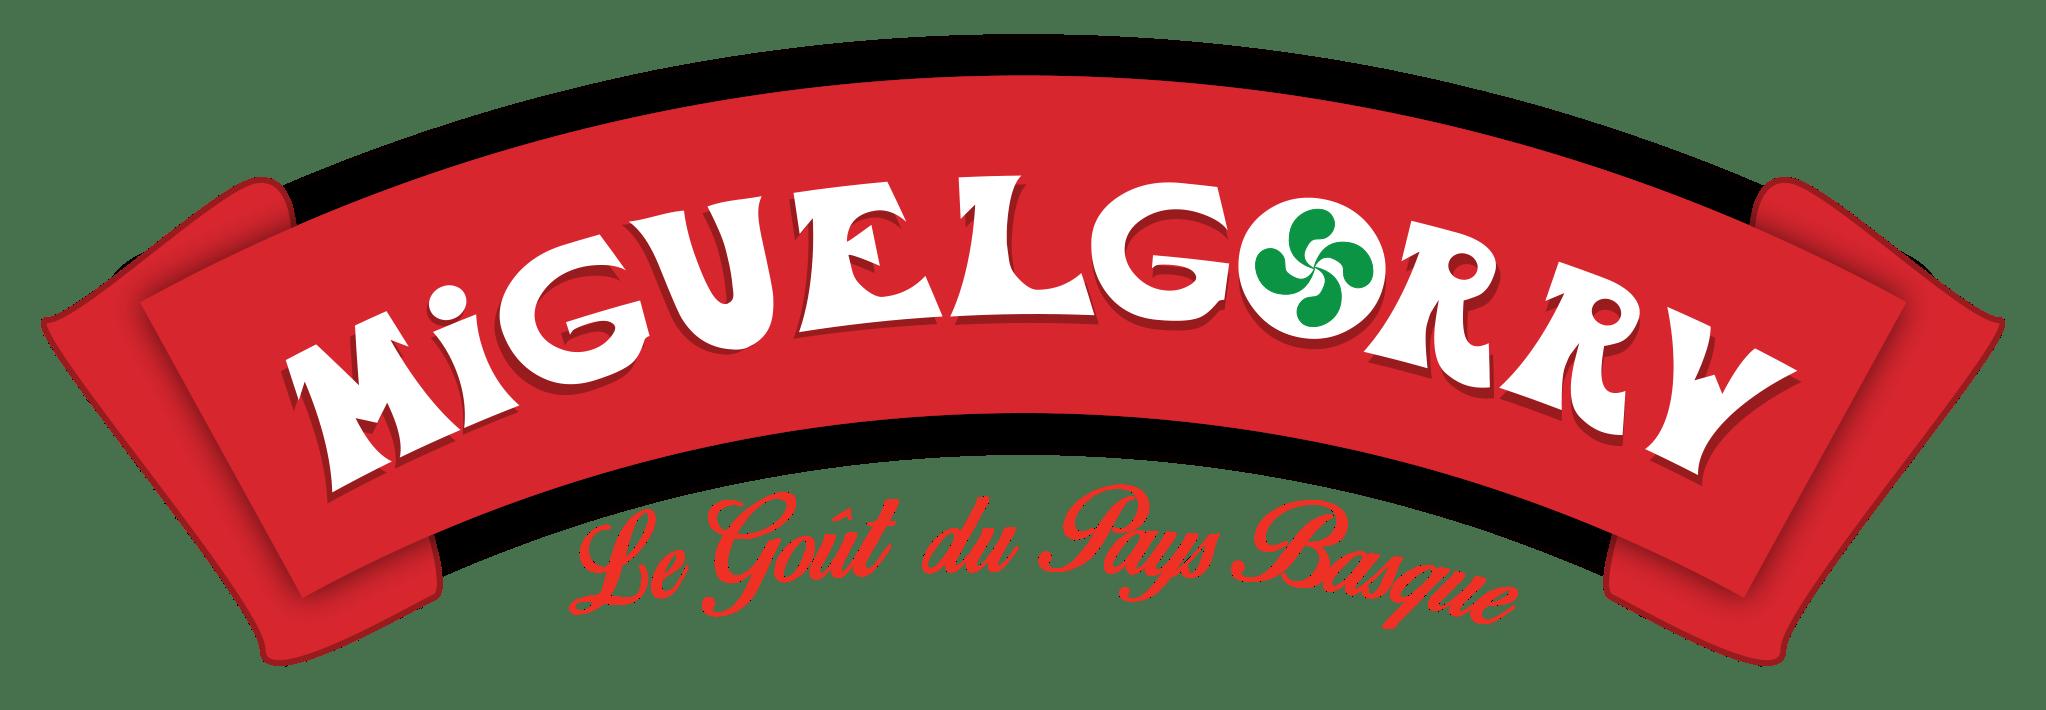 Miguelgorry